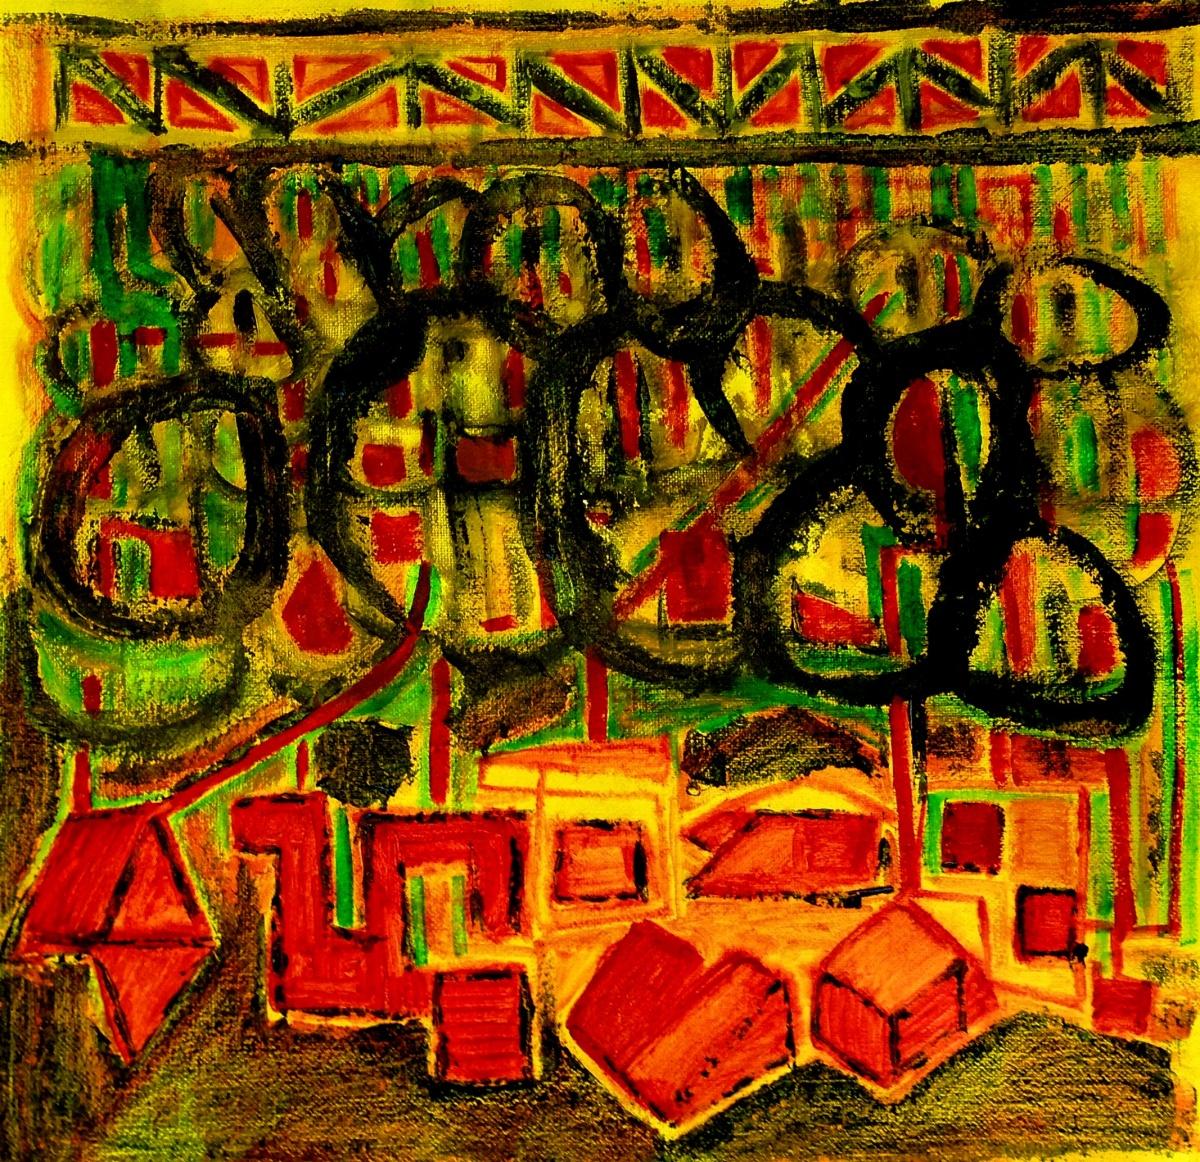 André Clouâtre, Lire l'avenir, Acrylique sur toile, 97 x 97 cm, 38 x 38 po, 2013